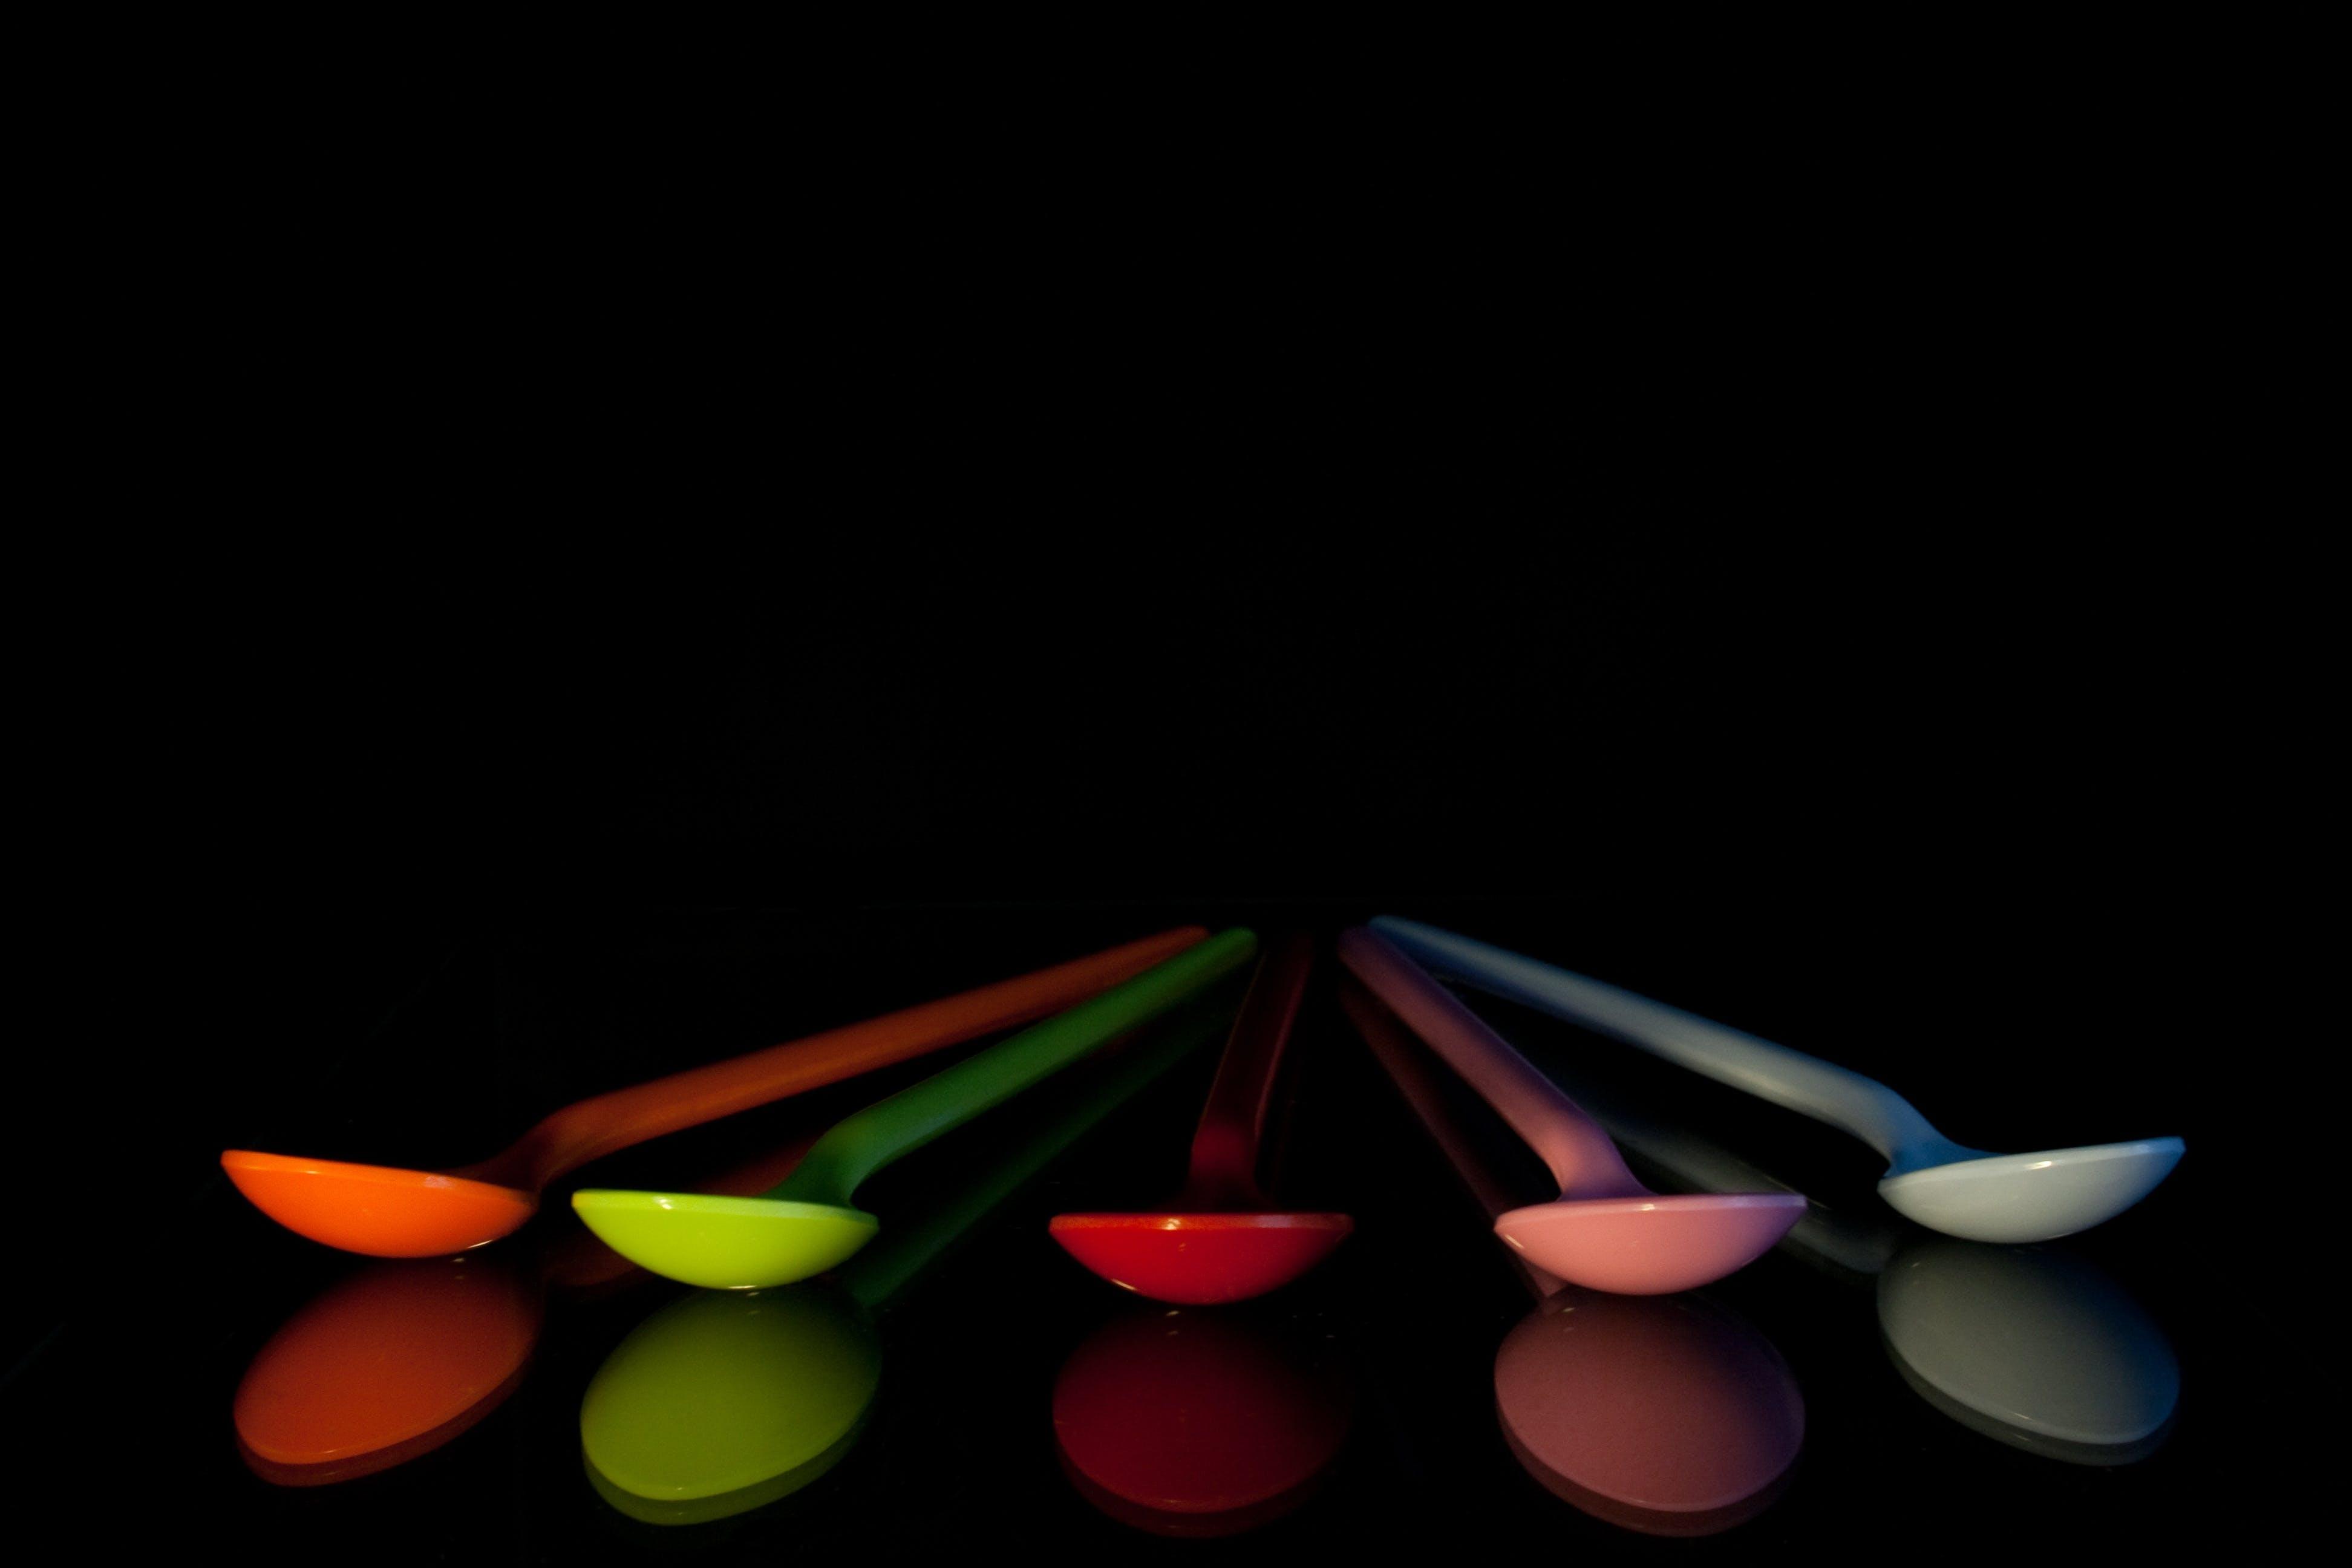 Gratis lagerfoto af farverig, plastik, refleksion, skeer